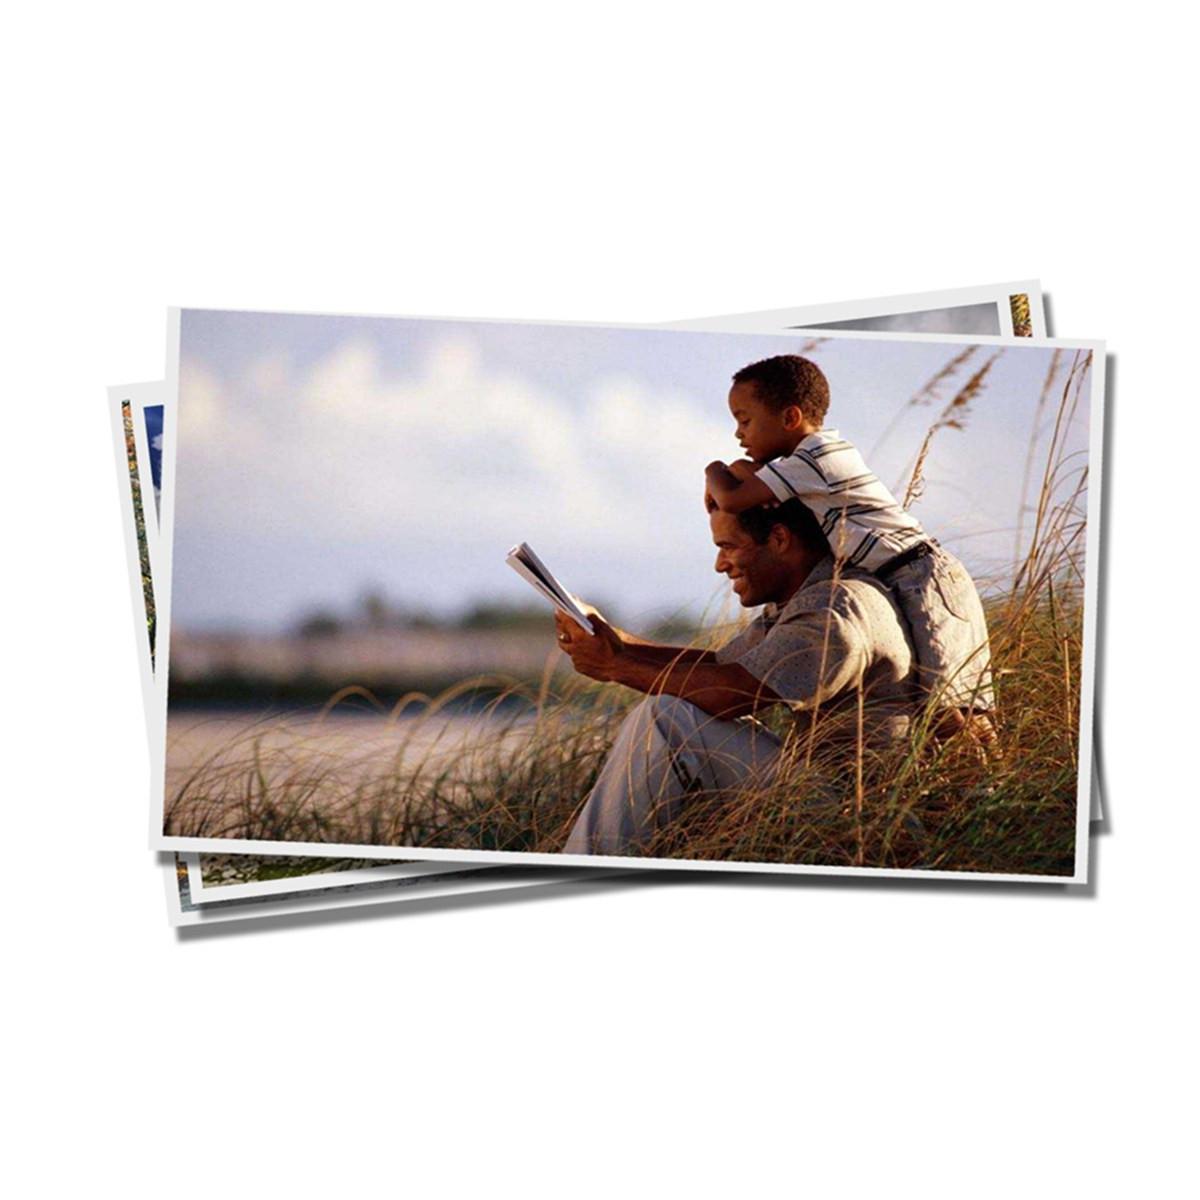 Caixa com 50 Unidades do Papel Fotográfico Glossy 180g   tamanho A4   Pacote com 20 folhas